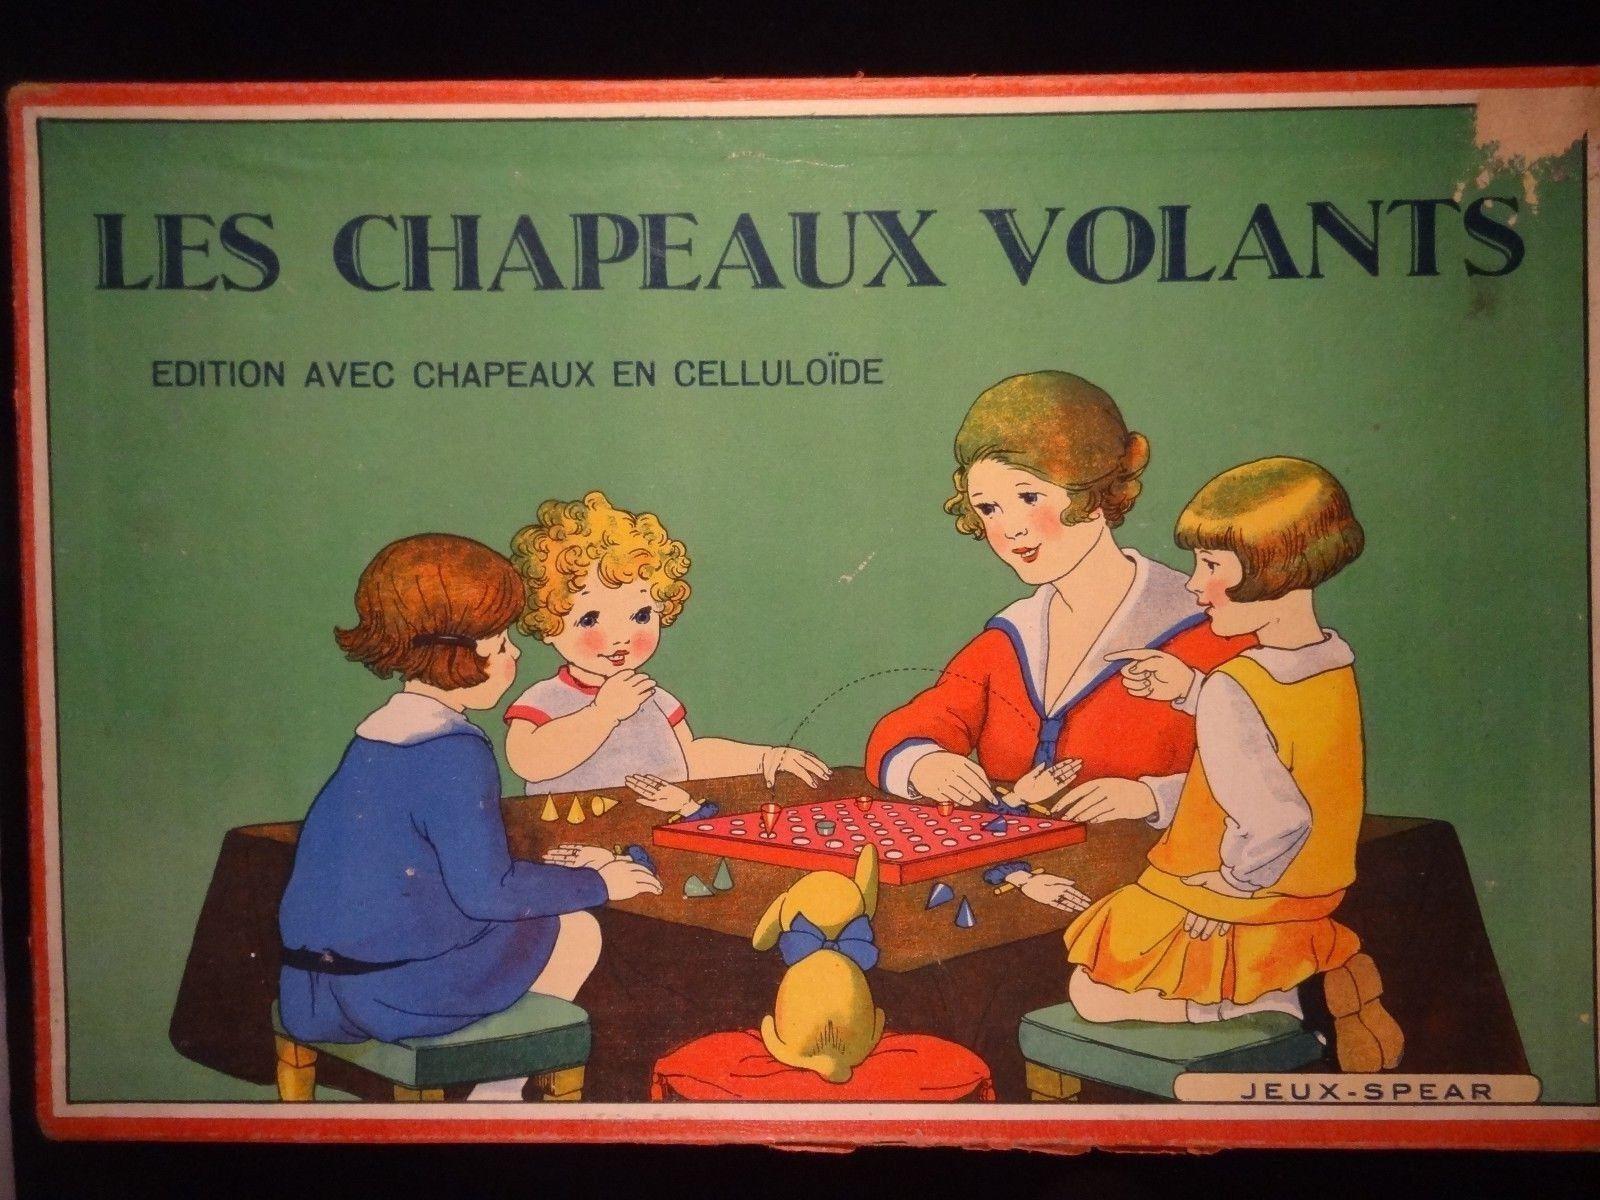 Noël Nouvel Nouvel Nouvel An, sortez vous-même RARE ancien jeu Les chapeaux VOLANTS Jeux-SPEAR cartonnage celluloïde 1920/30 058fb2